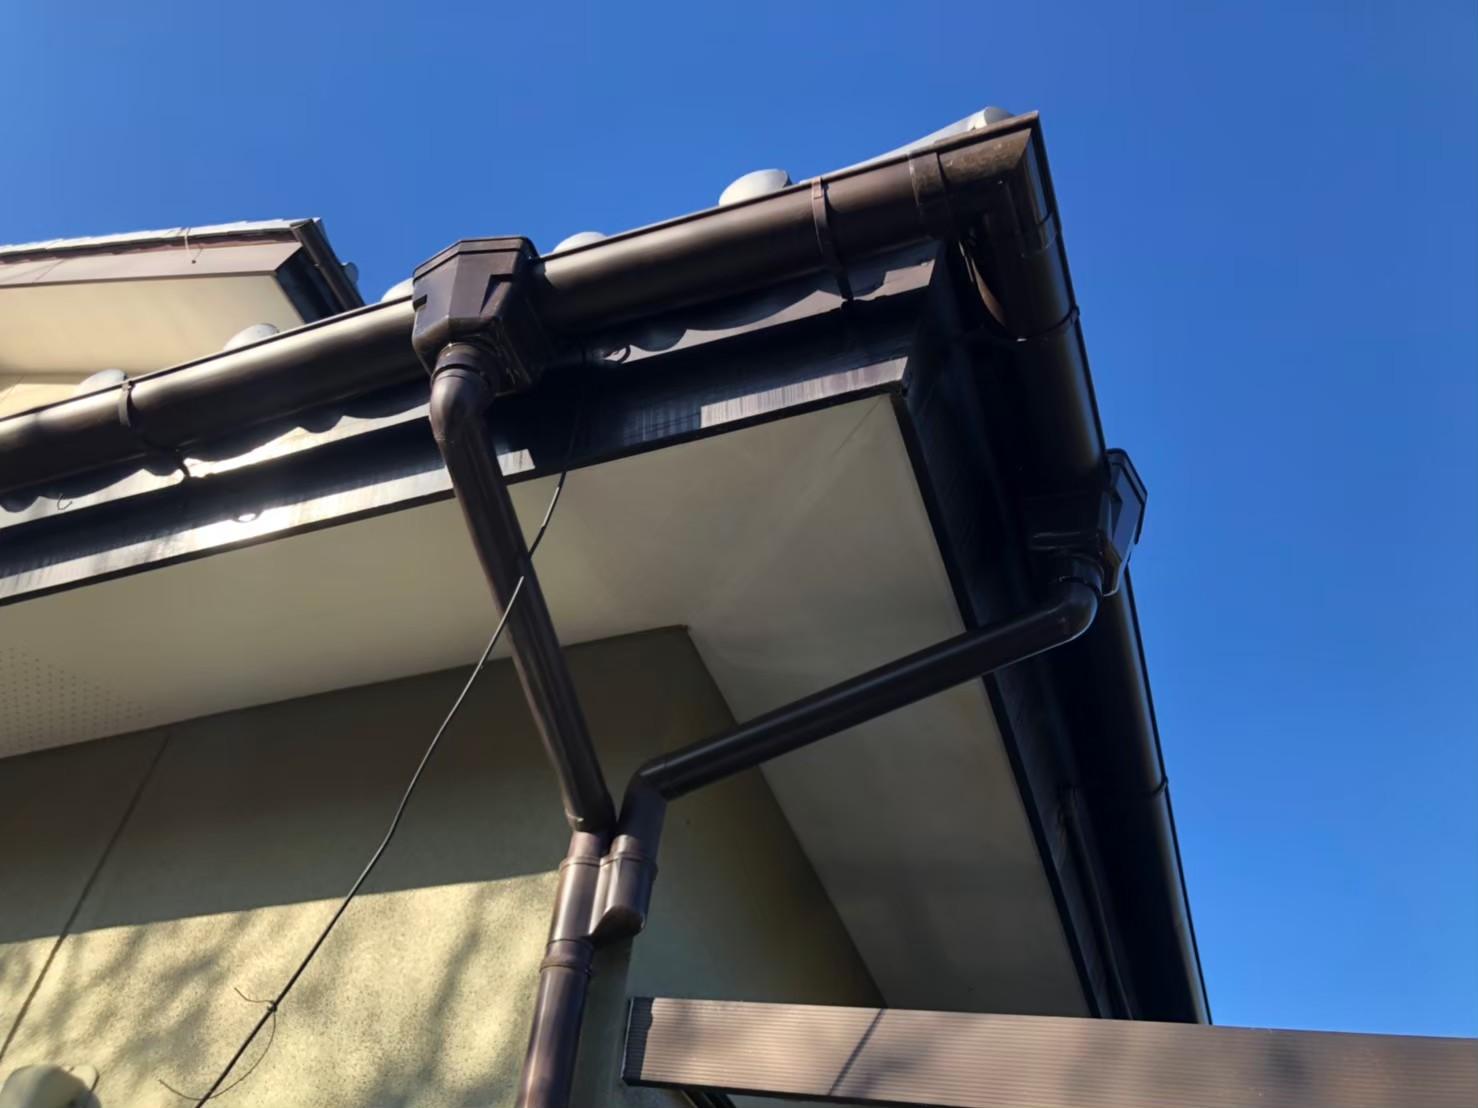 【施工完了報告!】埼玉県所沢市で火災保険を活用して波板&雨どい交換工事を行いました!